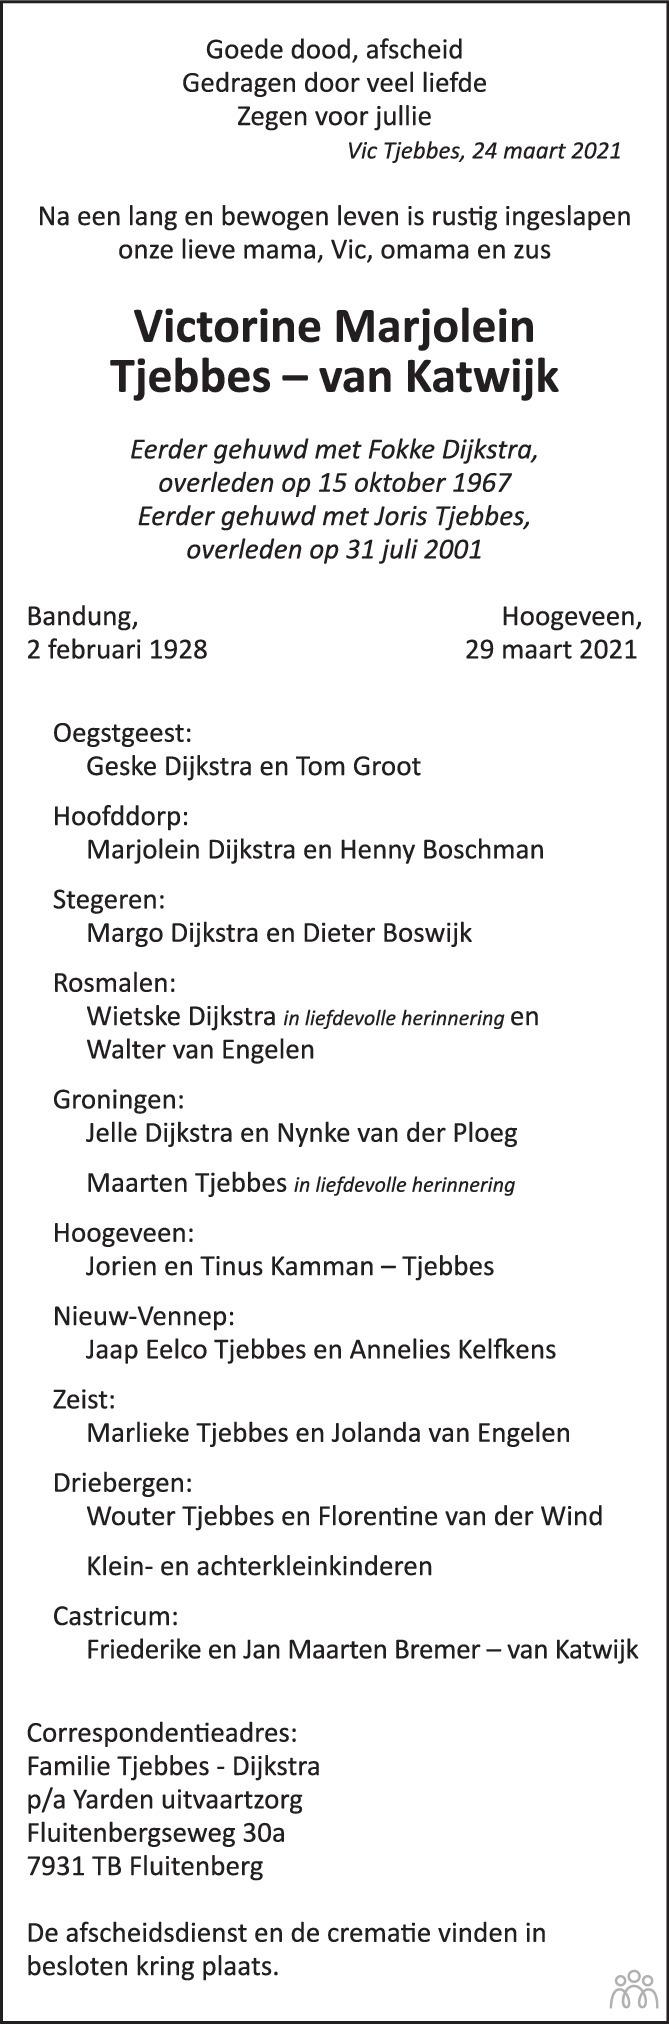 Overlijdensbericht van Victorine Marjolein Tjebbes – Tjebbes-van Katwijk in Trouw